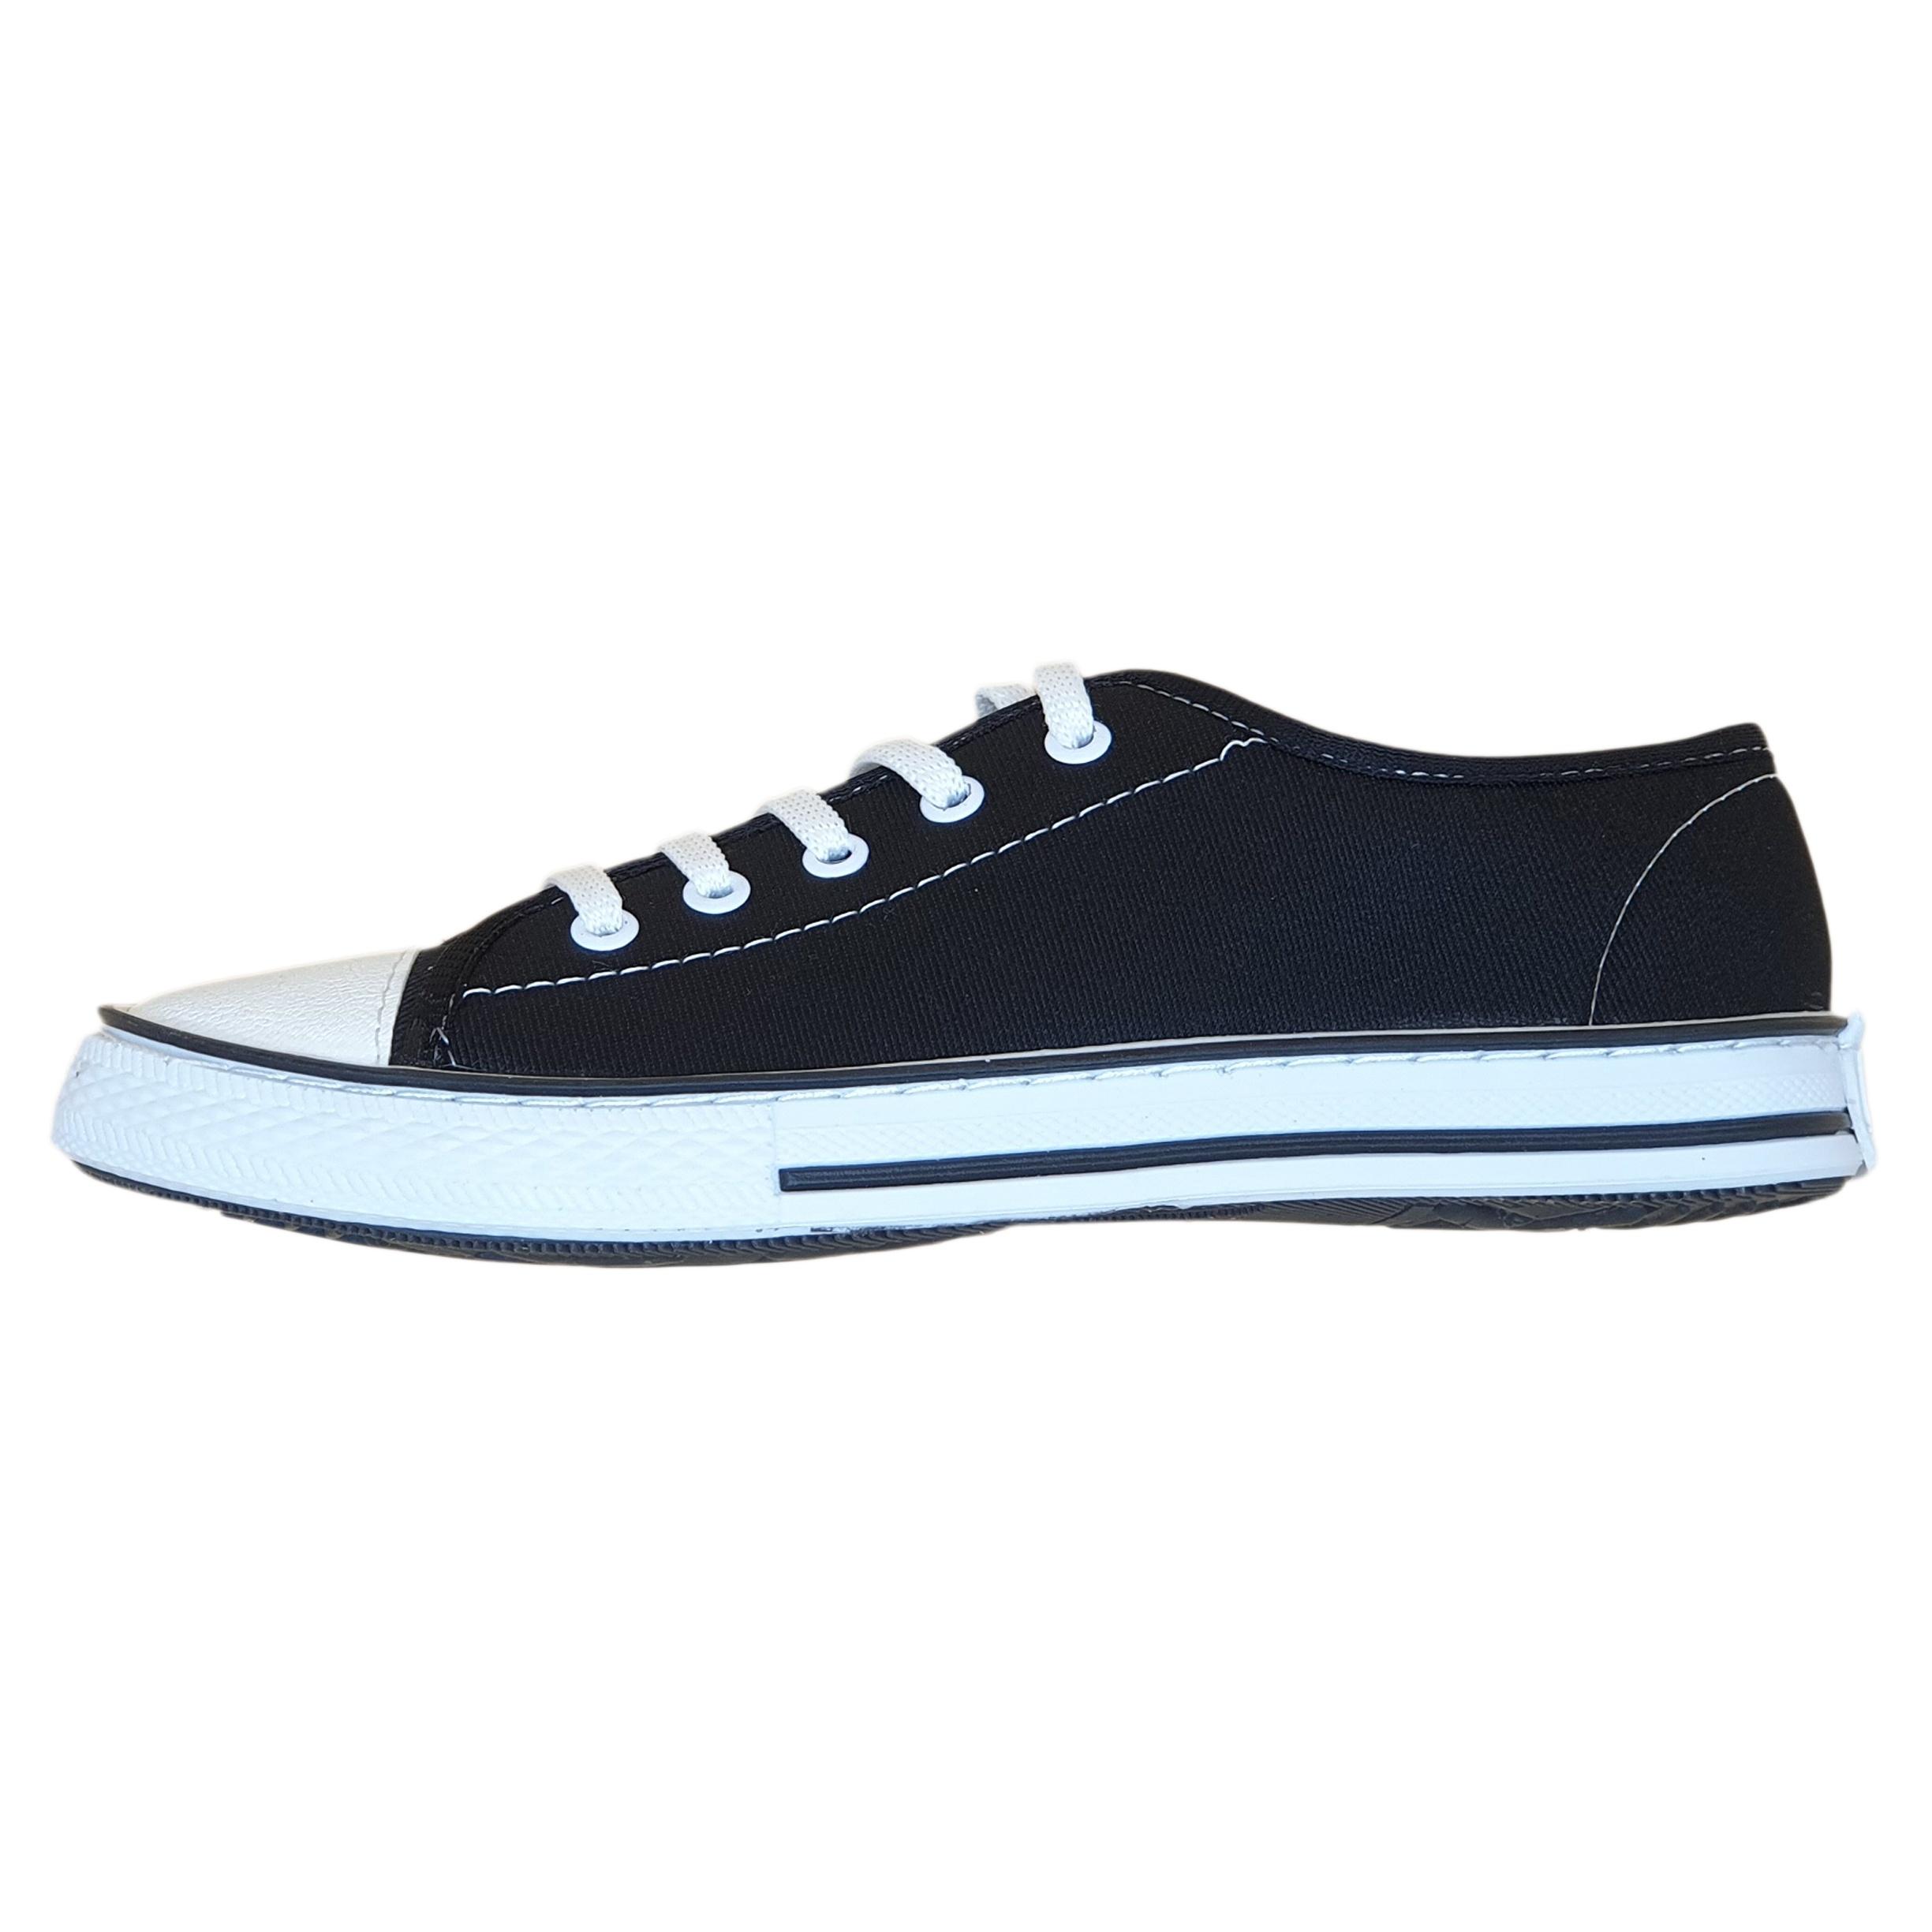 تصویر کفش راحتی زنانه کد 01